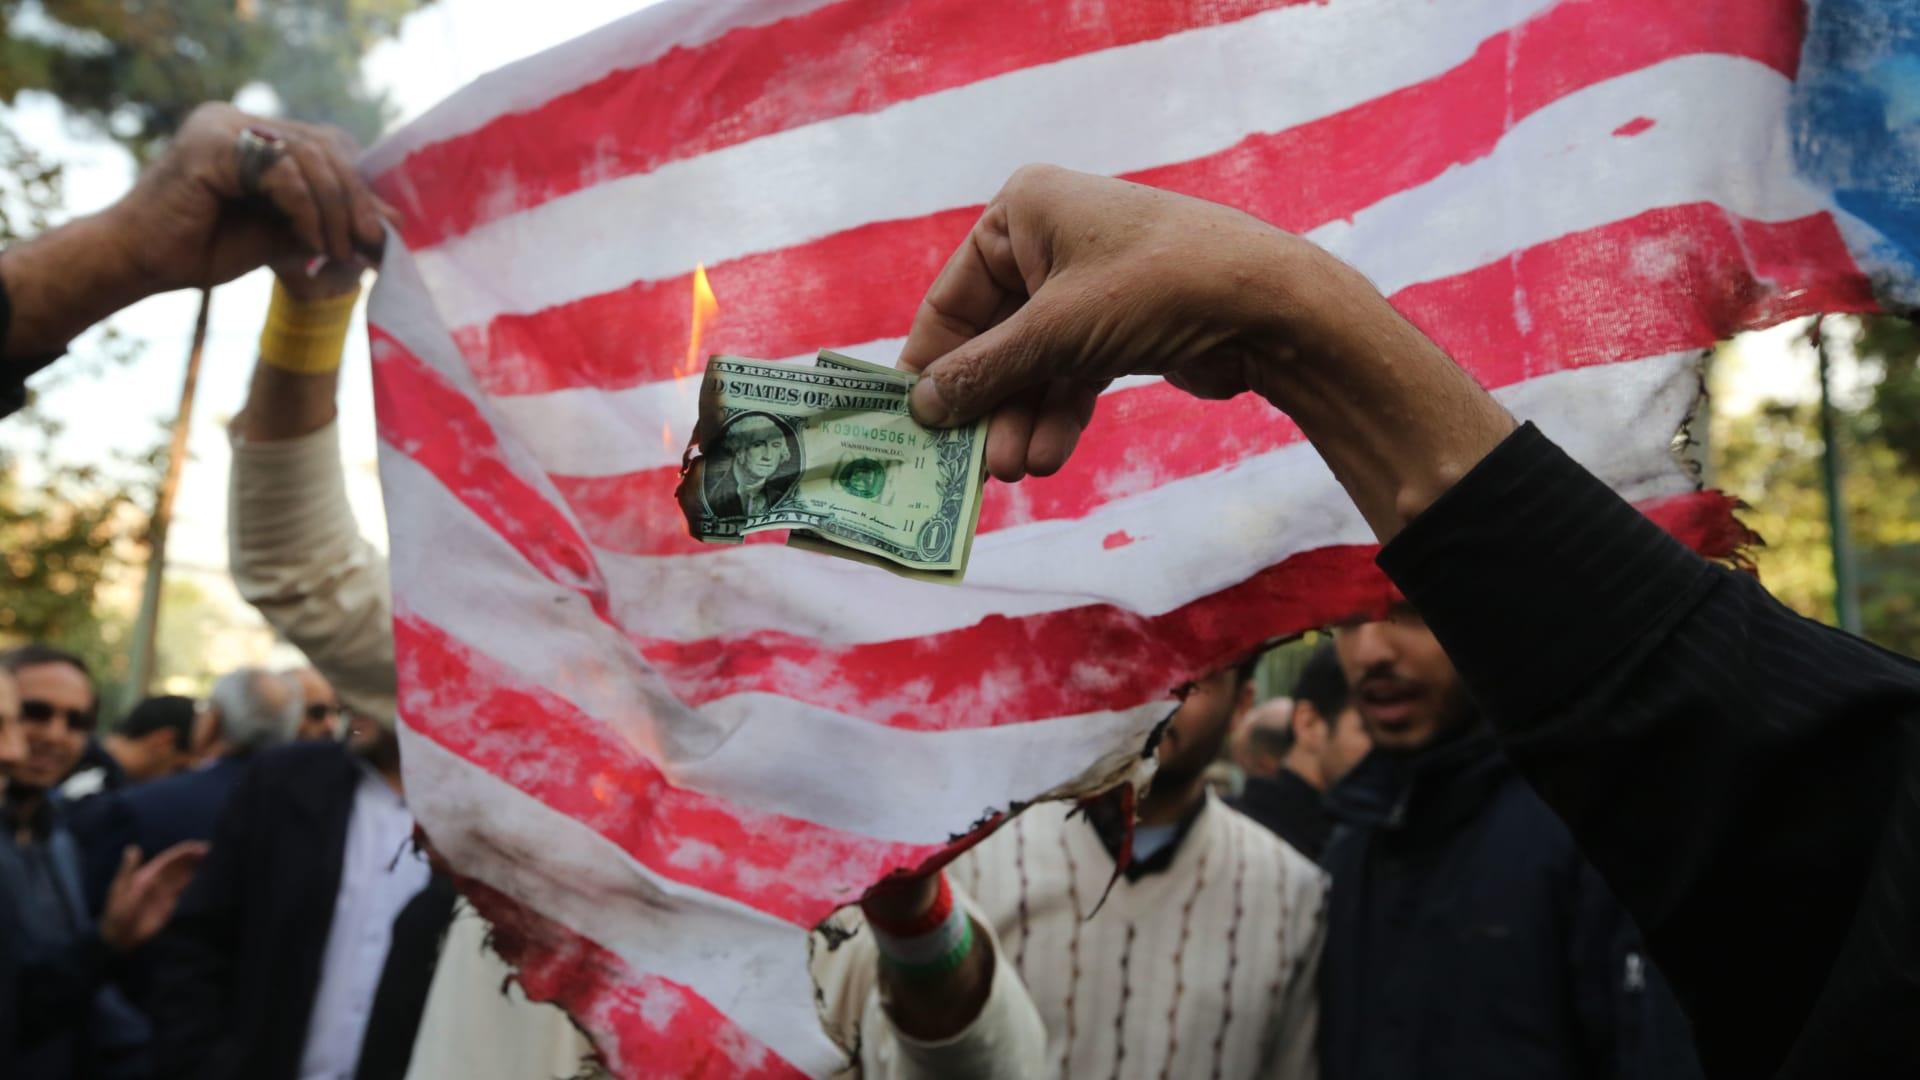 بنك أفروآسيا: تركيا وإيران وقطر ضمن أسوأ البلدان لأصحاب الث